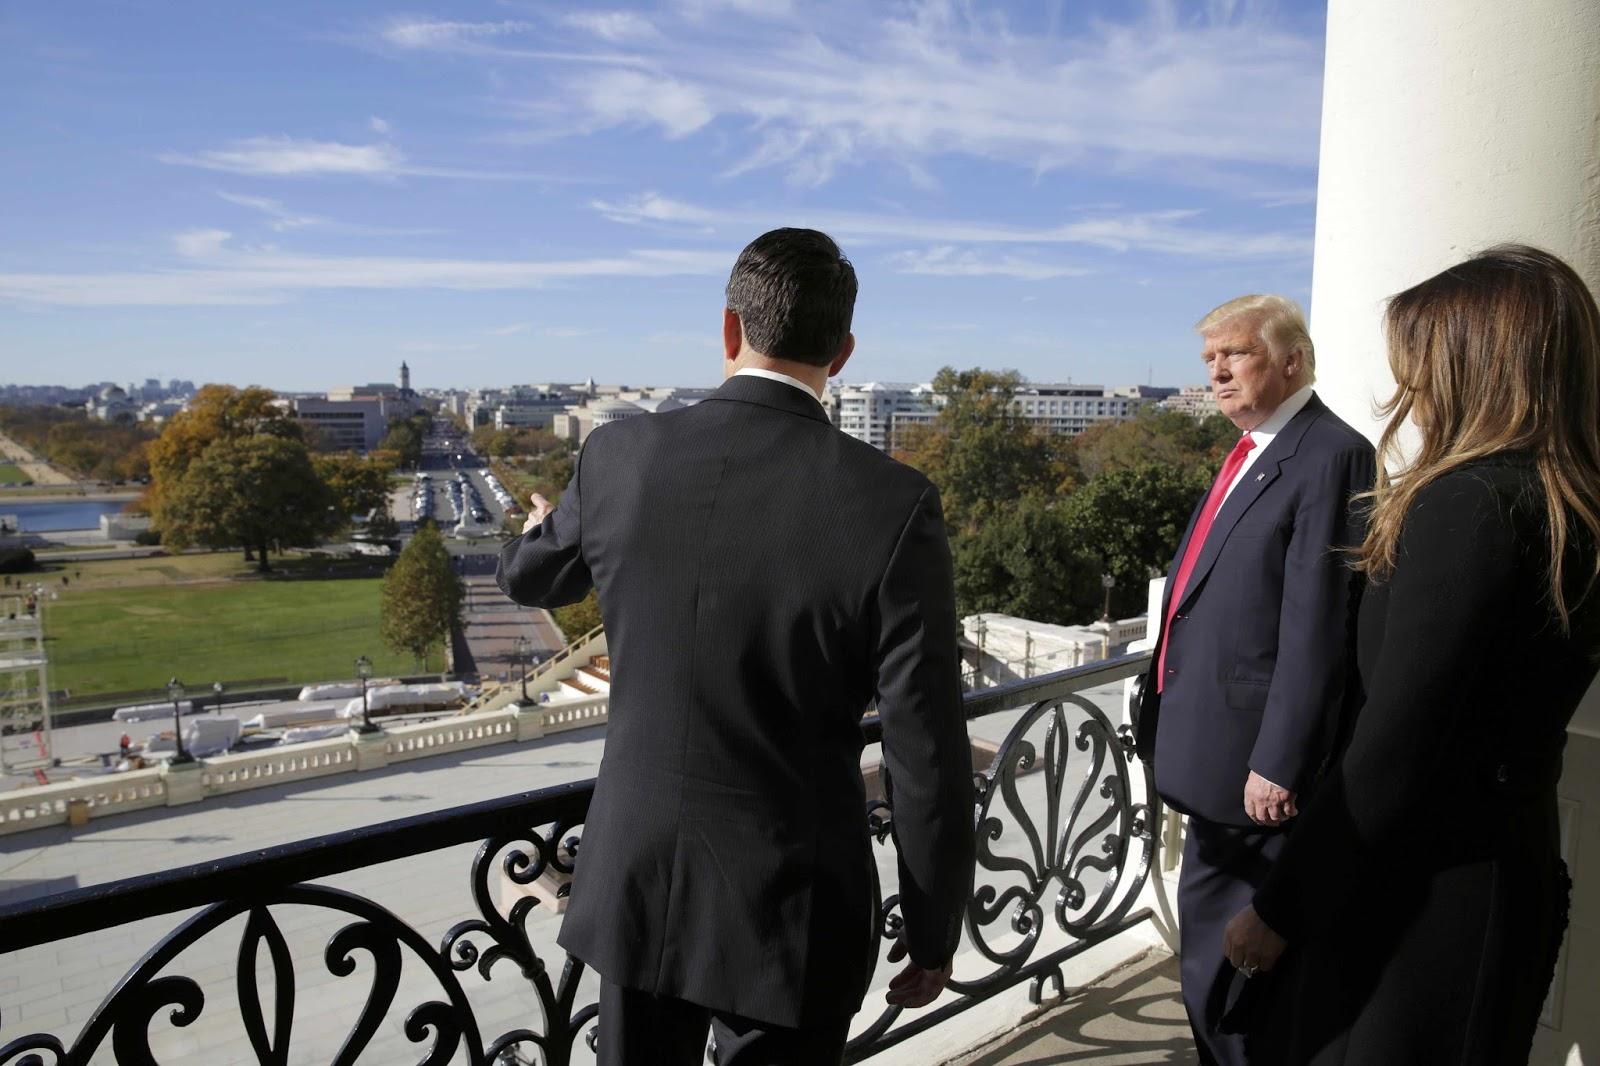 Δεν το πιστεύαμε! Η Μελάνια Τραμπ στον Λευκό Οίκο... πιο σεμνή από ποτέ! - Φωτογραφία 1